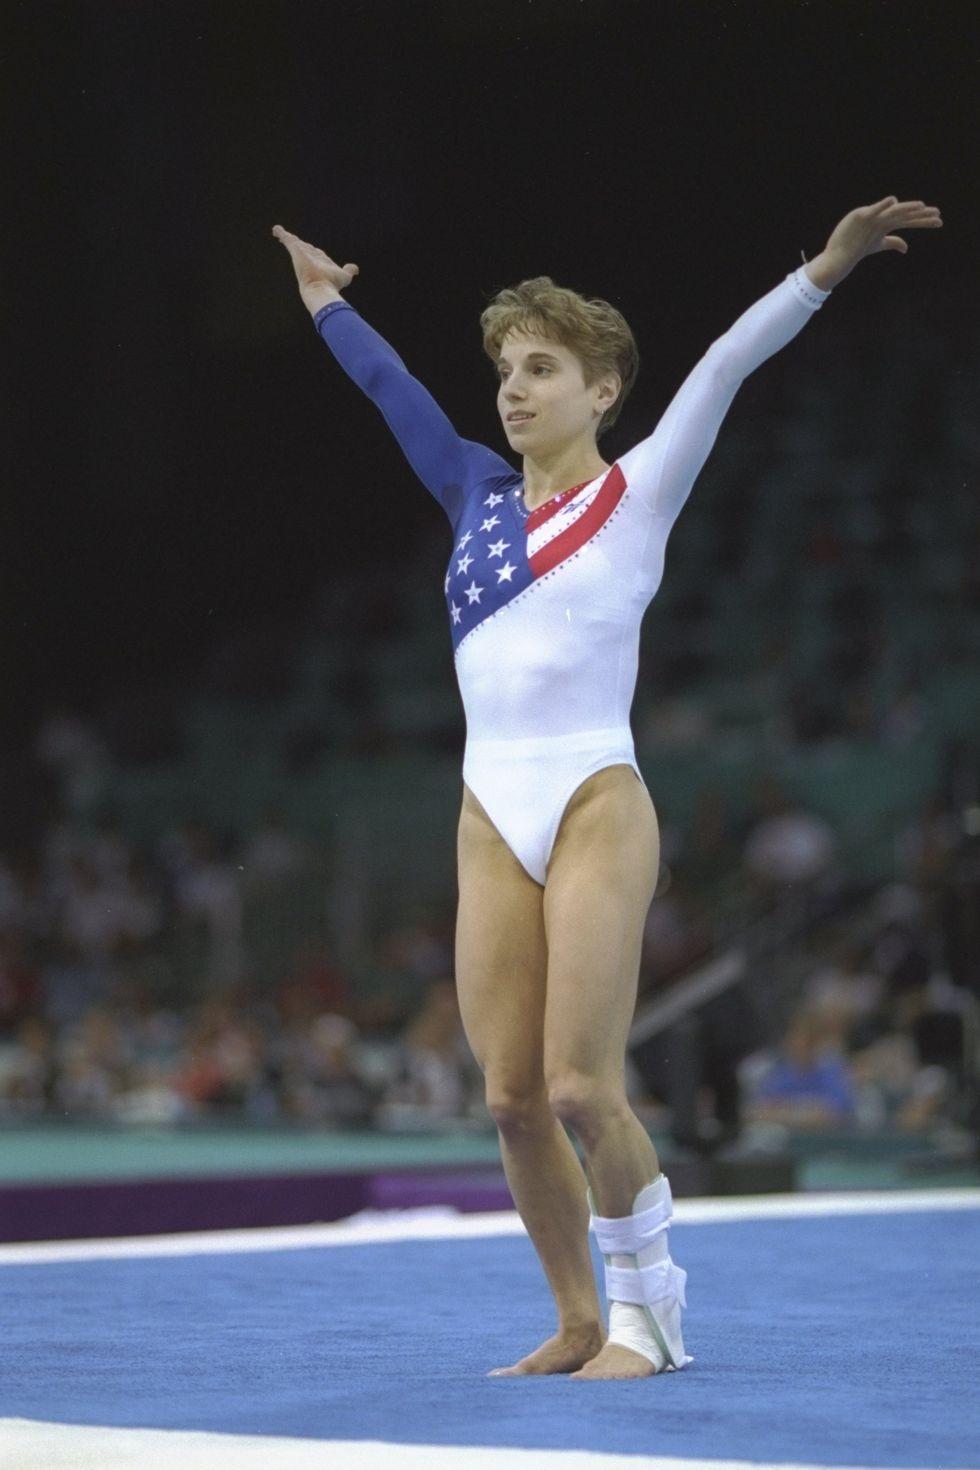 1996: Кери Стръг Инкорпорираното американско знаме в трикото на Кери Стръг (плюс перфектното й преземяване с един навехнат крак) помага на американския отбор да спечели злато в многобоя онази година.